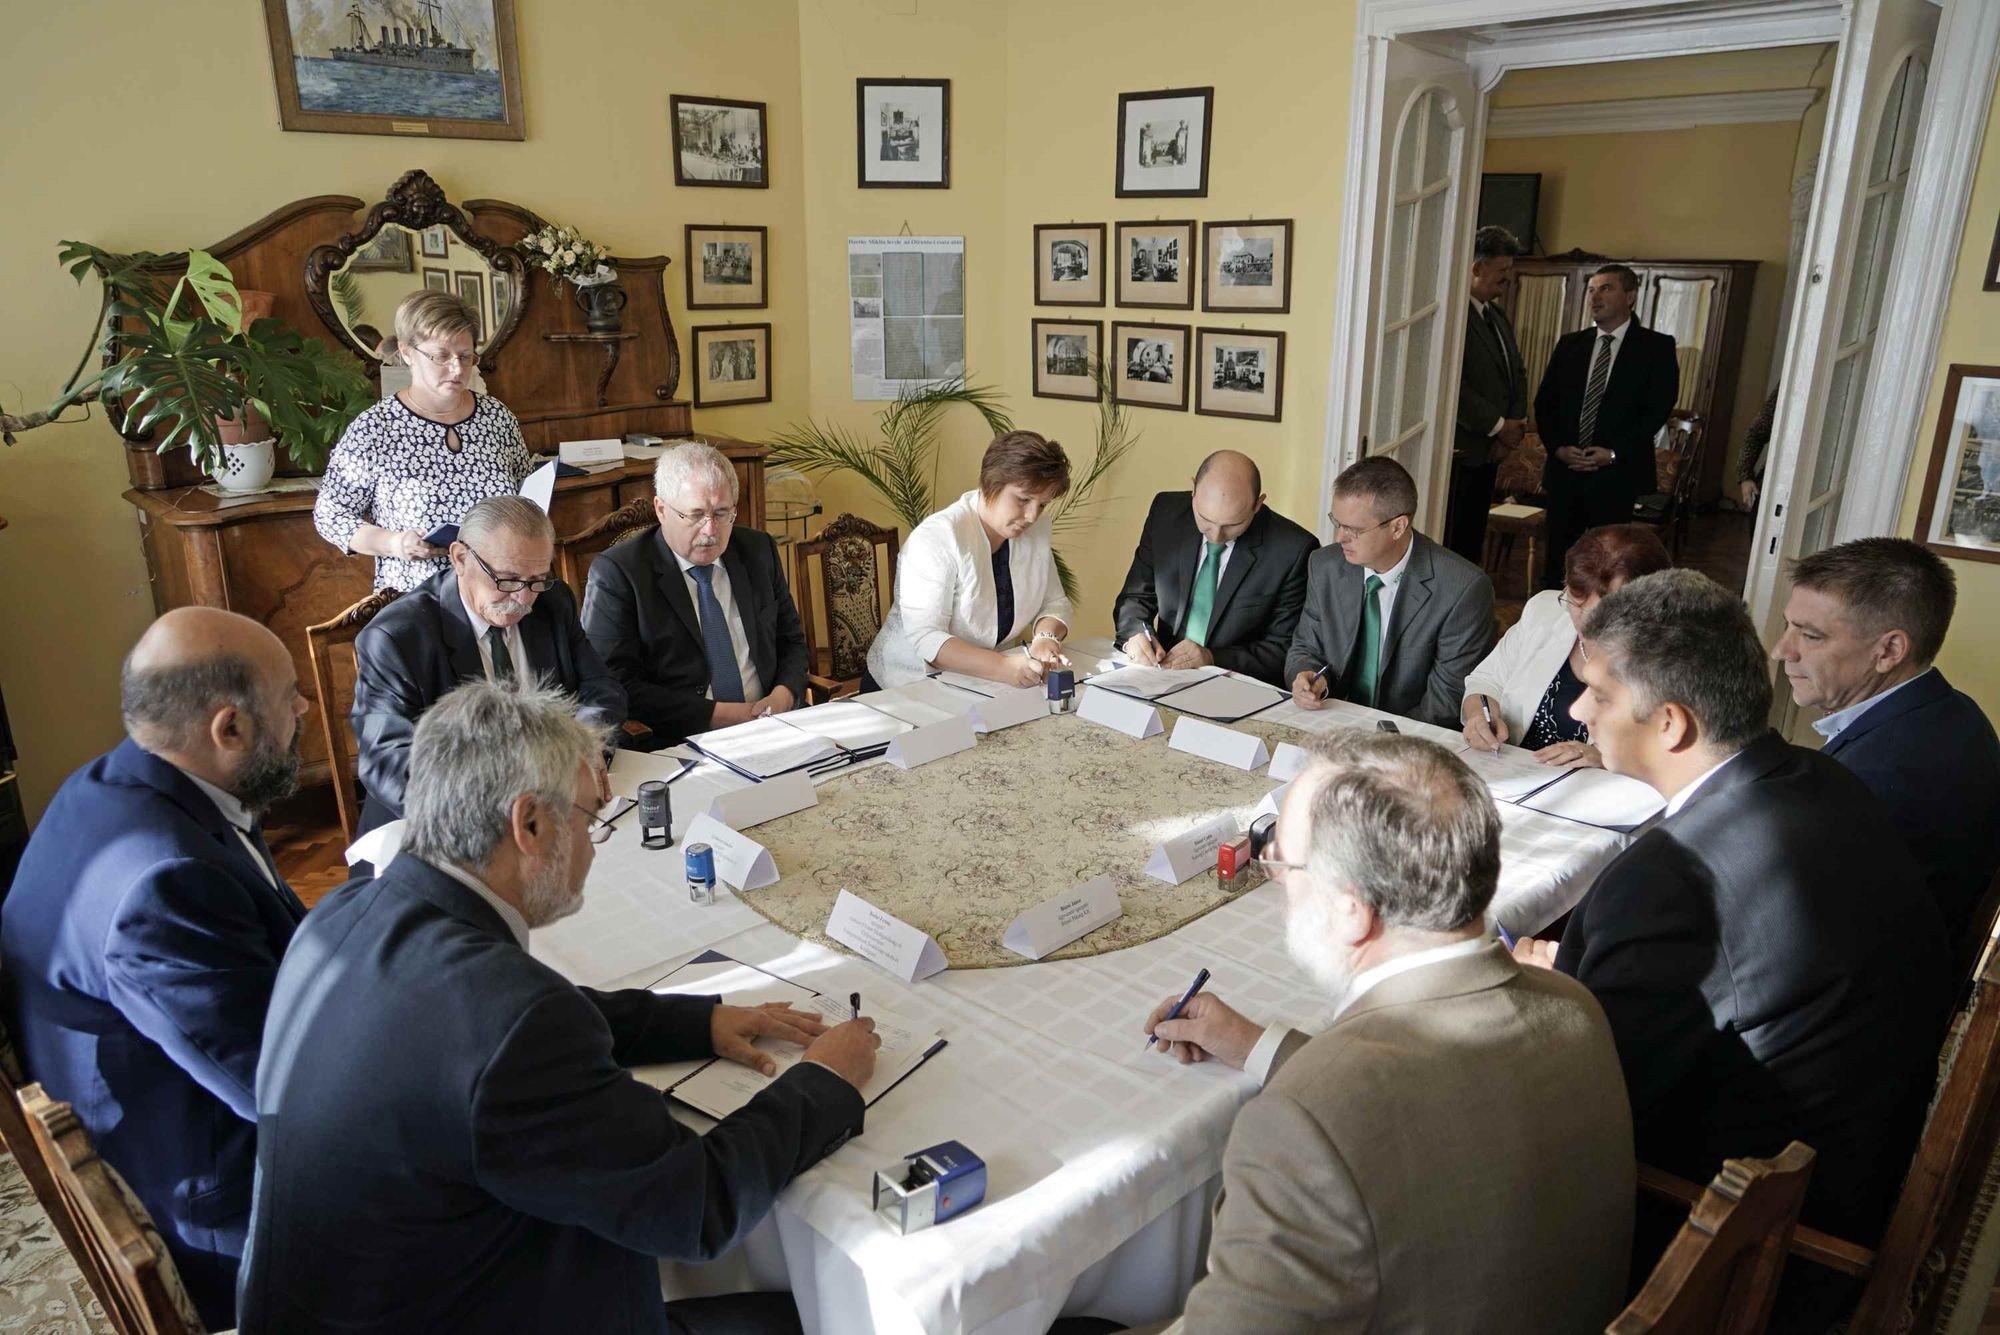 Együttműködési megállapodás az agrárszakképzés Jász-Nagykun-Szolnok megyei fejlesztéséért